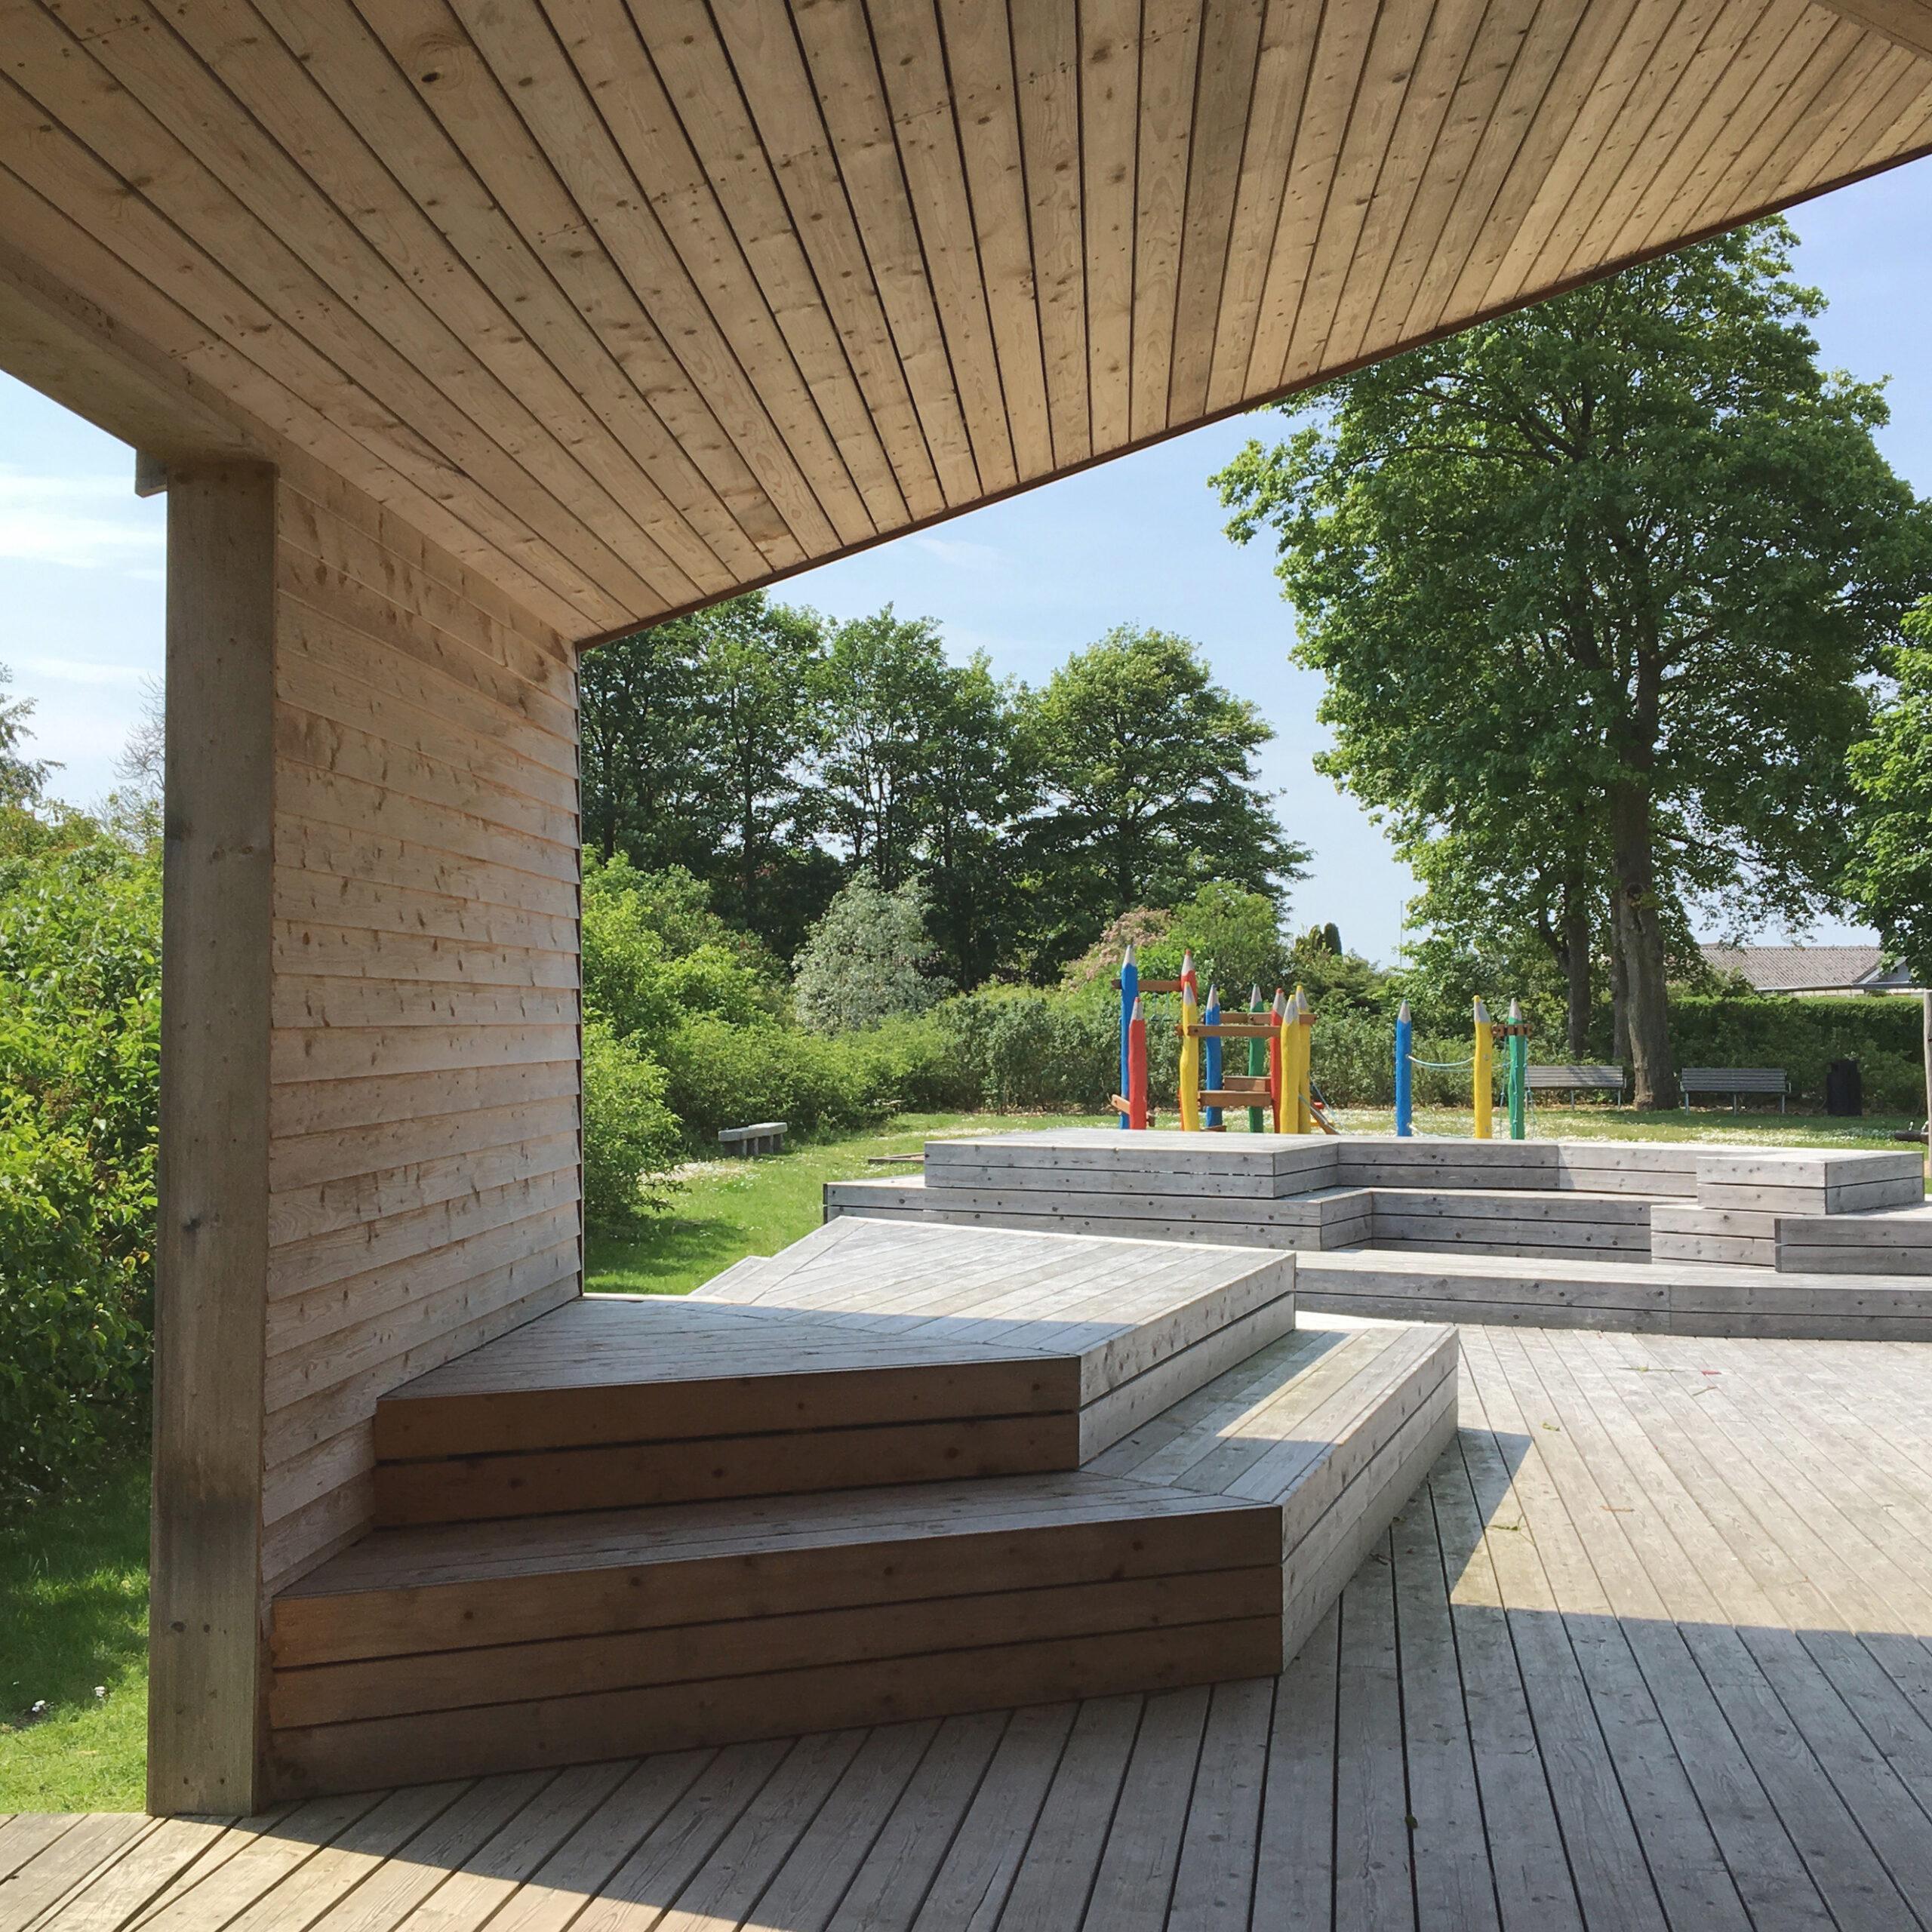 Jordrup Bypark